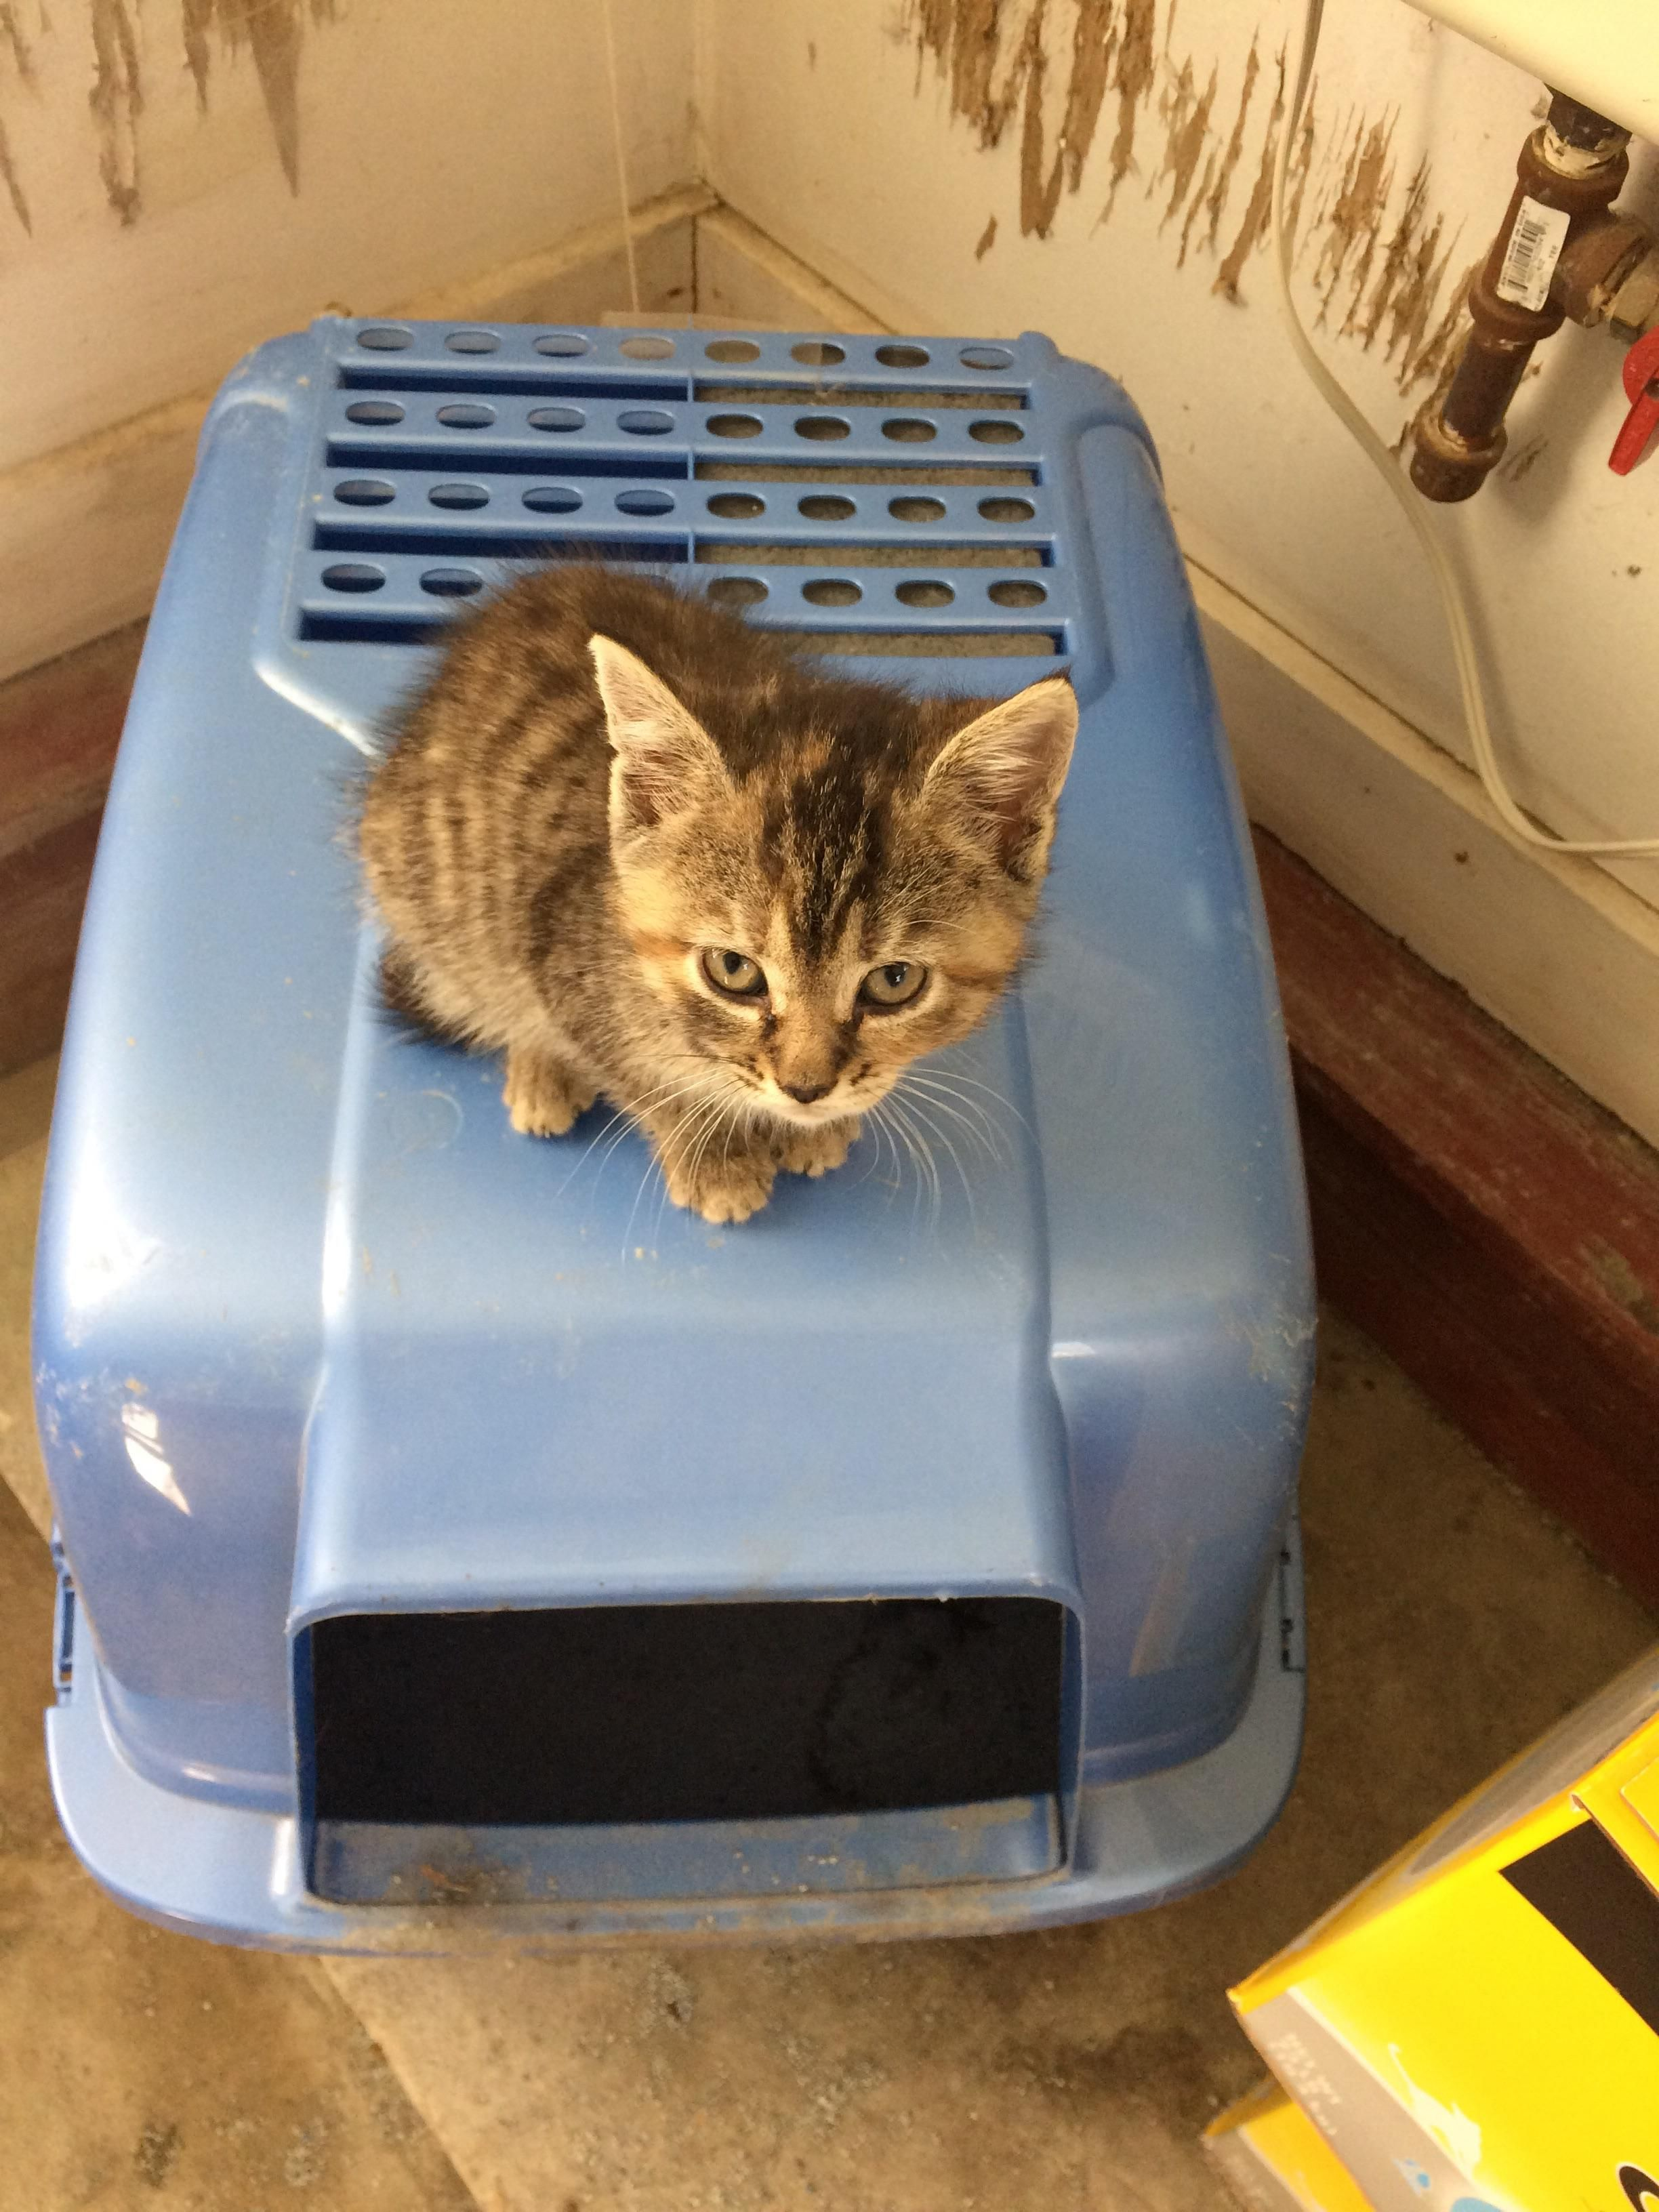 She Loves Sleeping On The Litter Box Https Ift Tt 2xa7lhl Litter Box Litter Cat Day